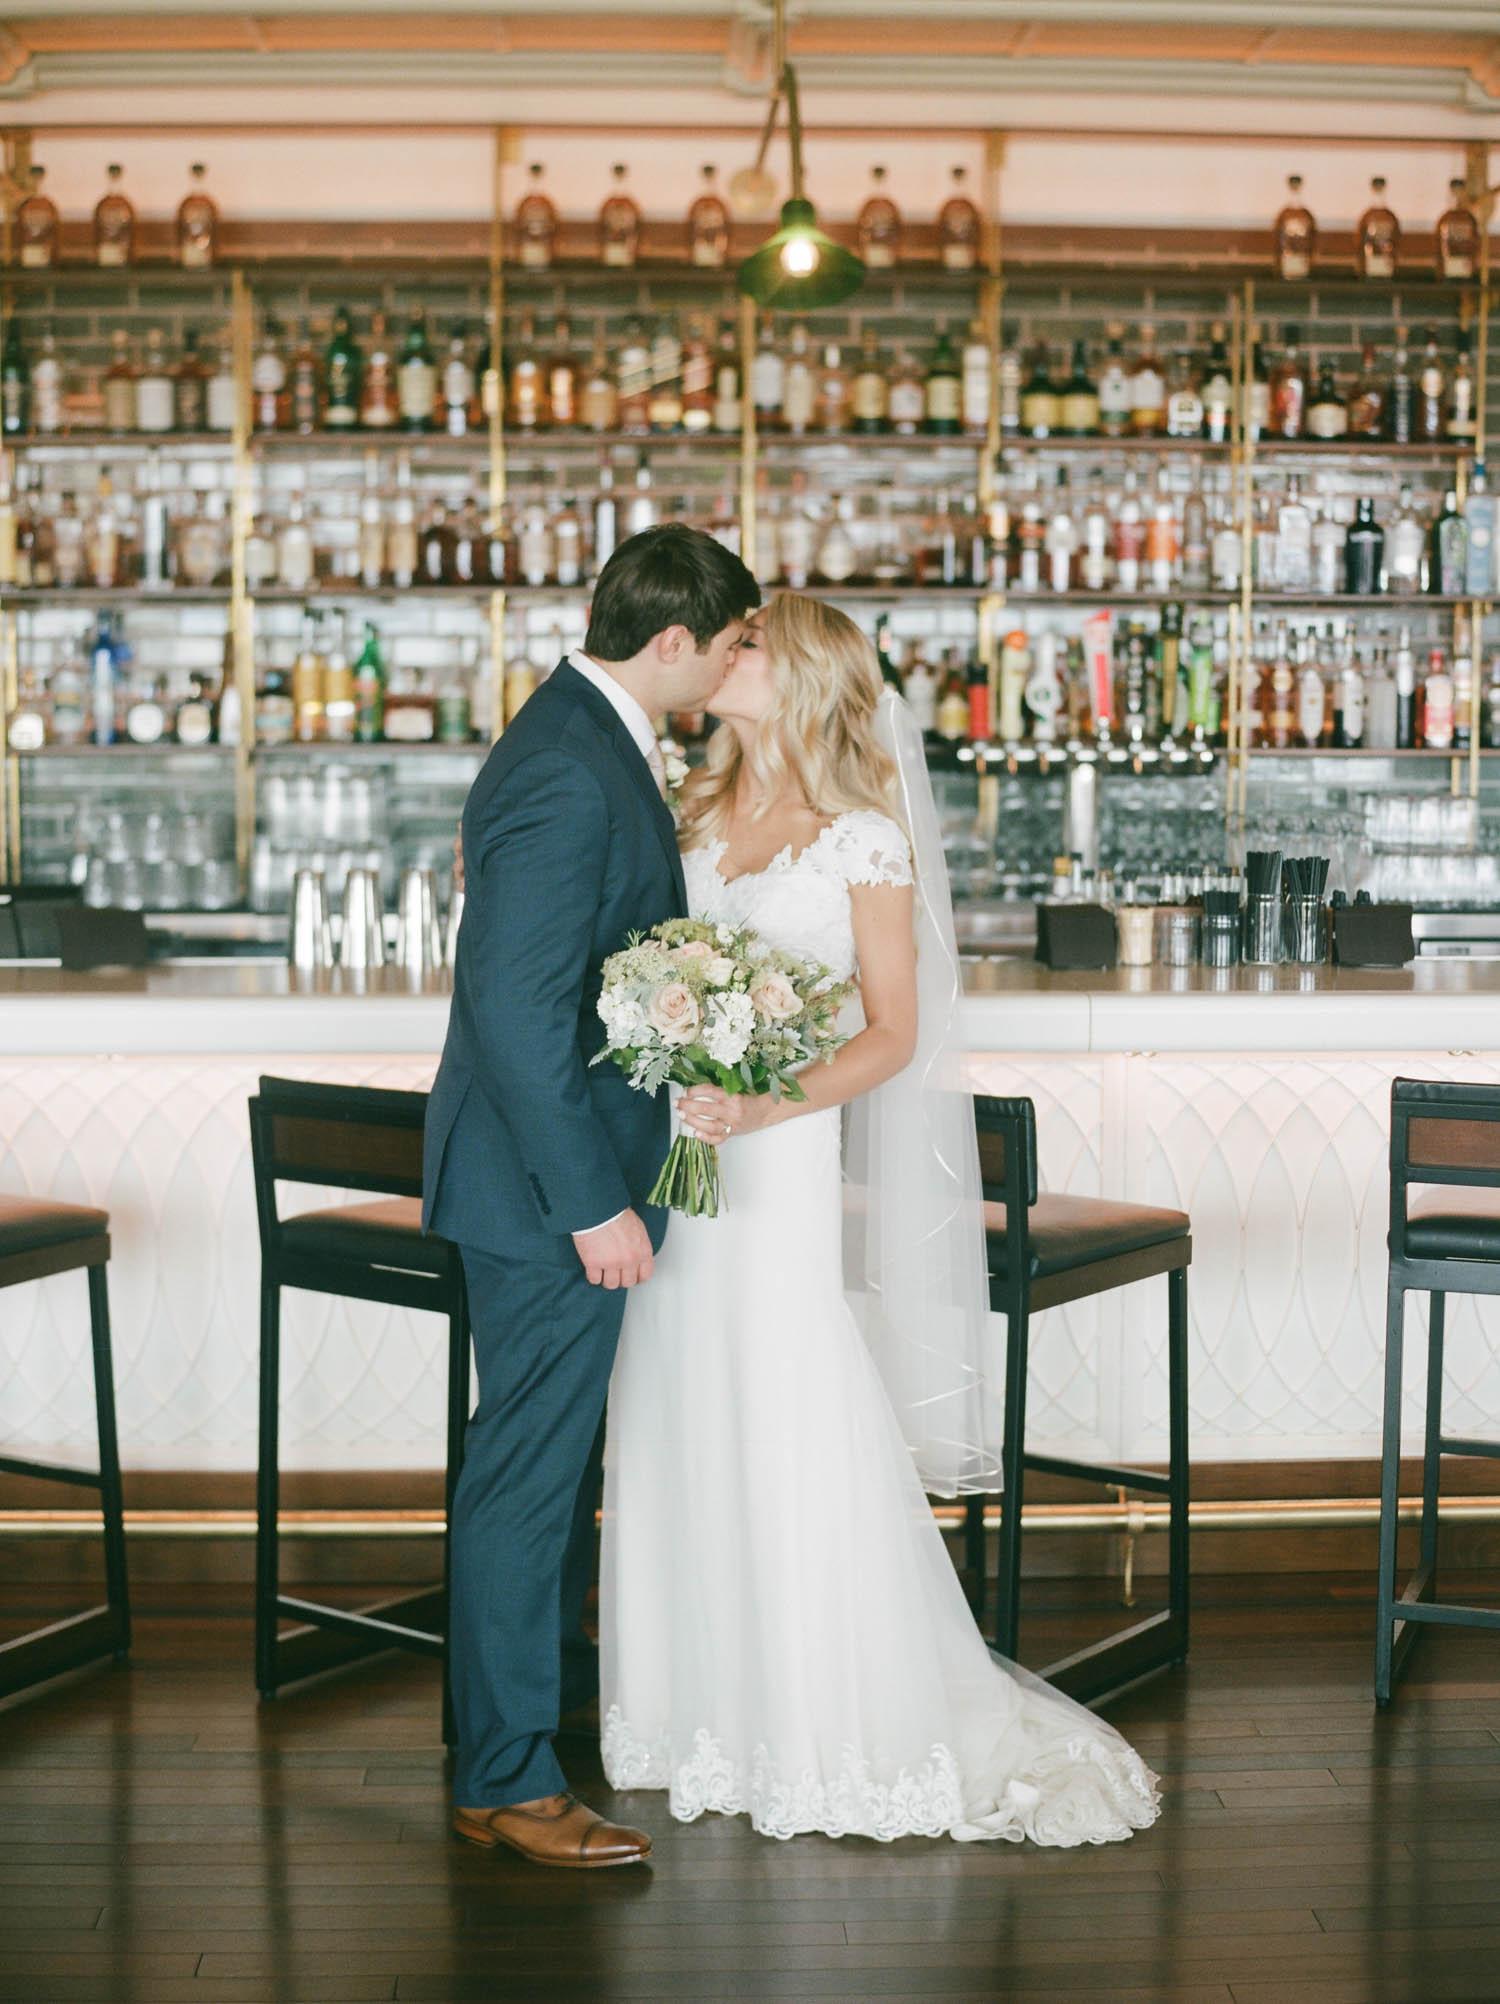 kateweinsteinphoto_kimpton_milwaukee_the_atrium_wedding-131.jpg